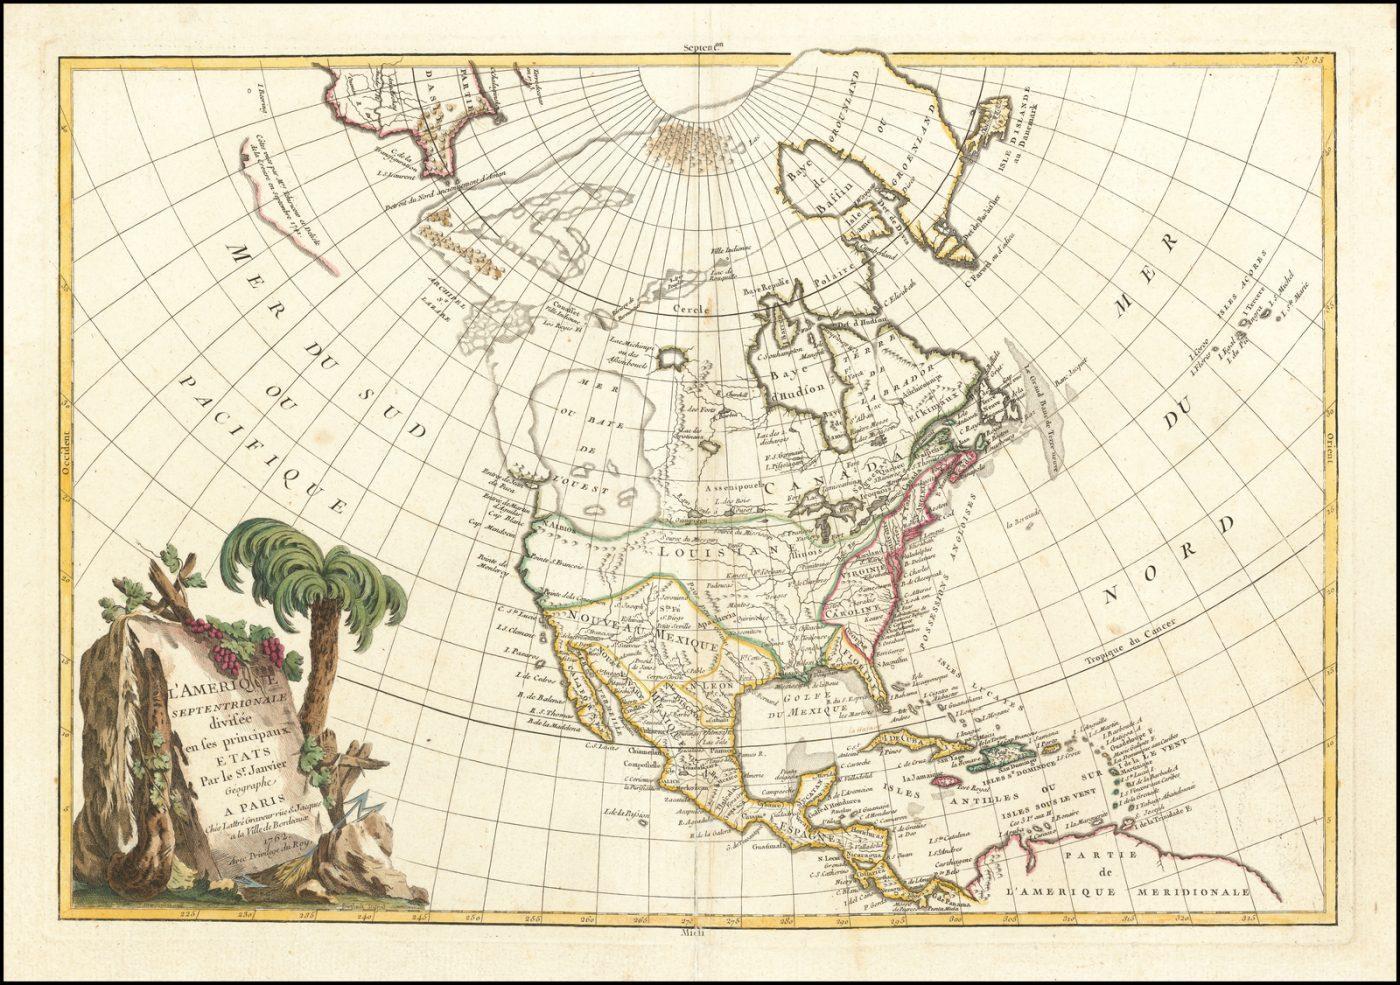 Карта Северной Америки Жанвье, изображающая миф о море Запада, русские открытия в Северо-Западной Америке и множество других интересных деталей